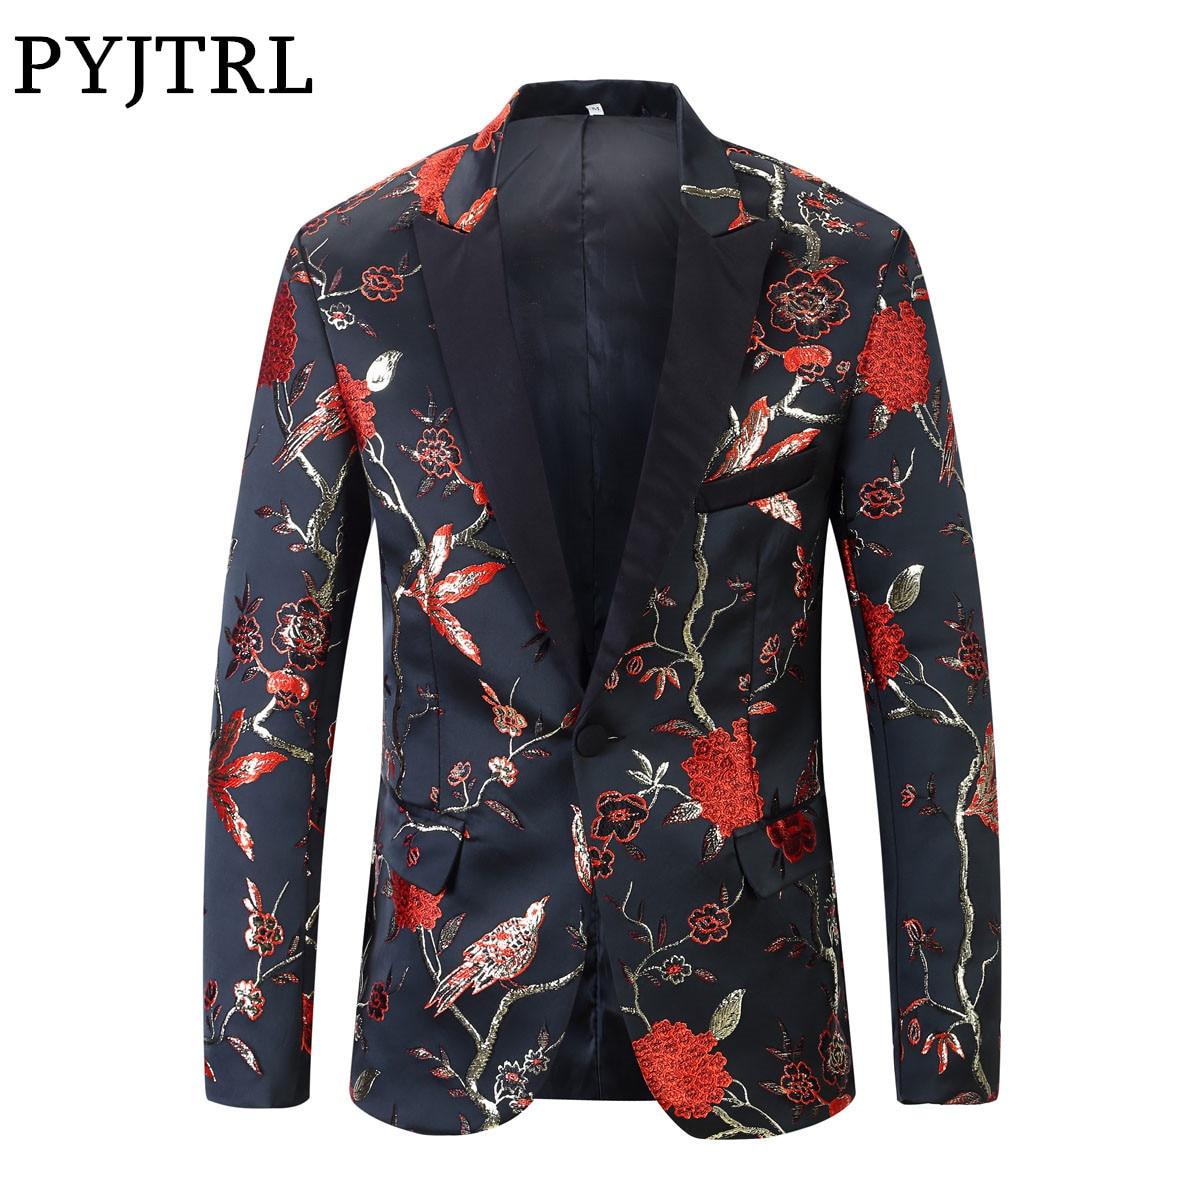 Pyjtrl novo ouro vermelho azul verde brocado bordado floral pássaros padrão fino ajuste blazer projetos masculino terno jaqueta palco singer wear